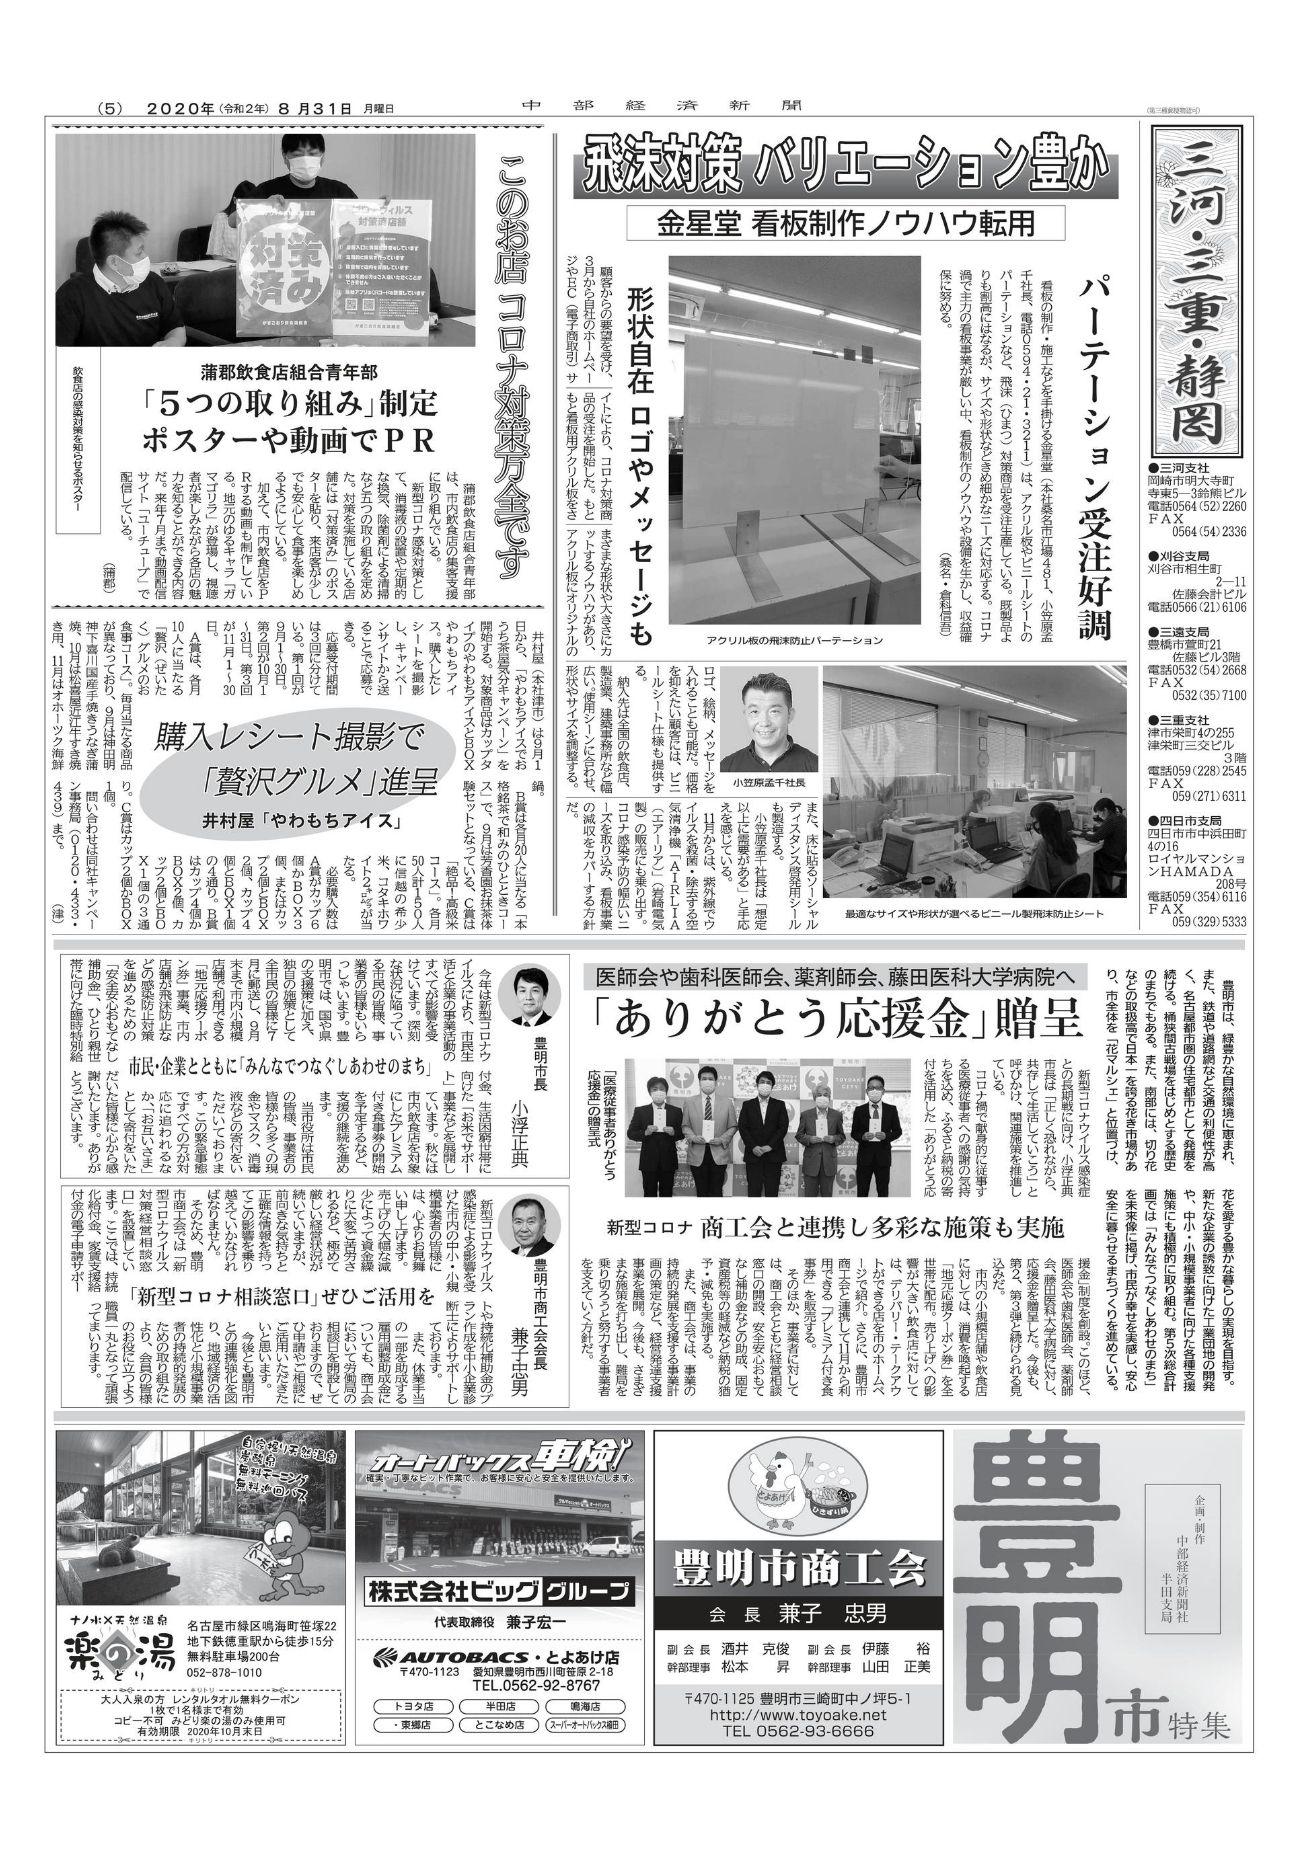 2020.08.31 中部経済新聞 掲載